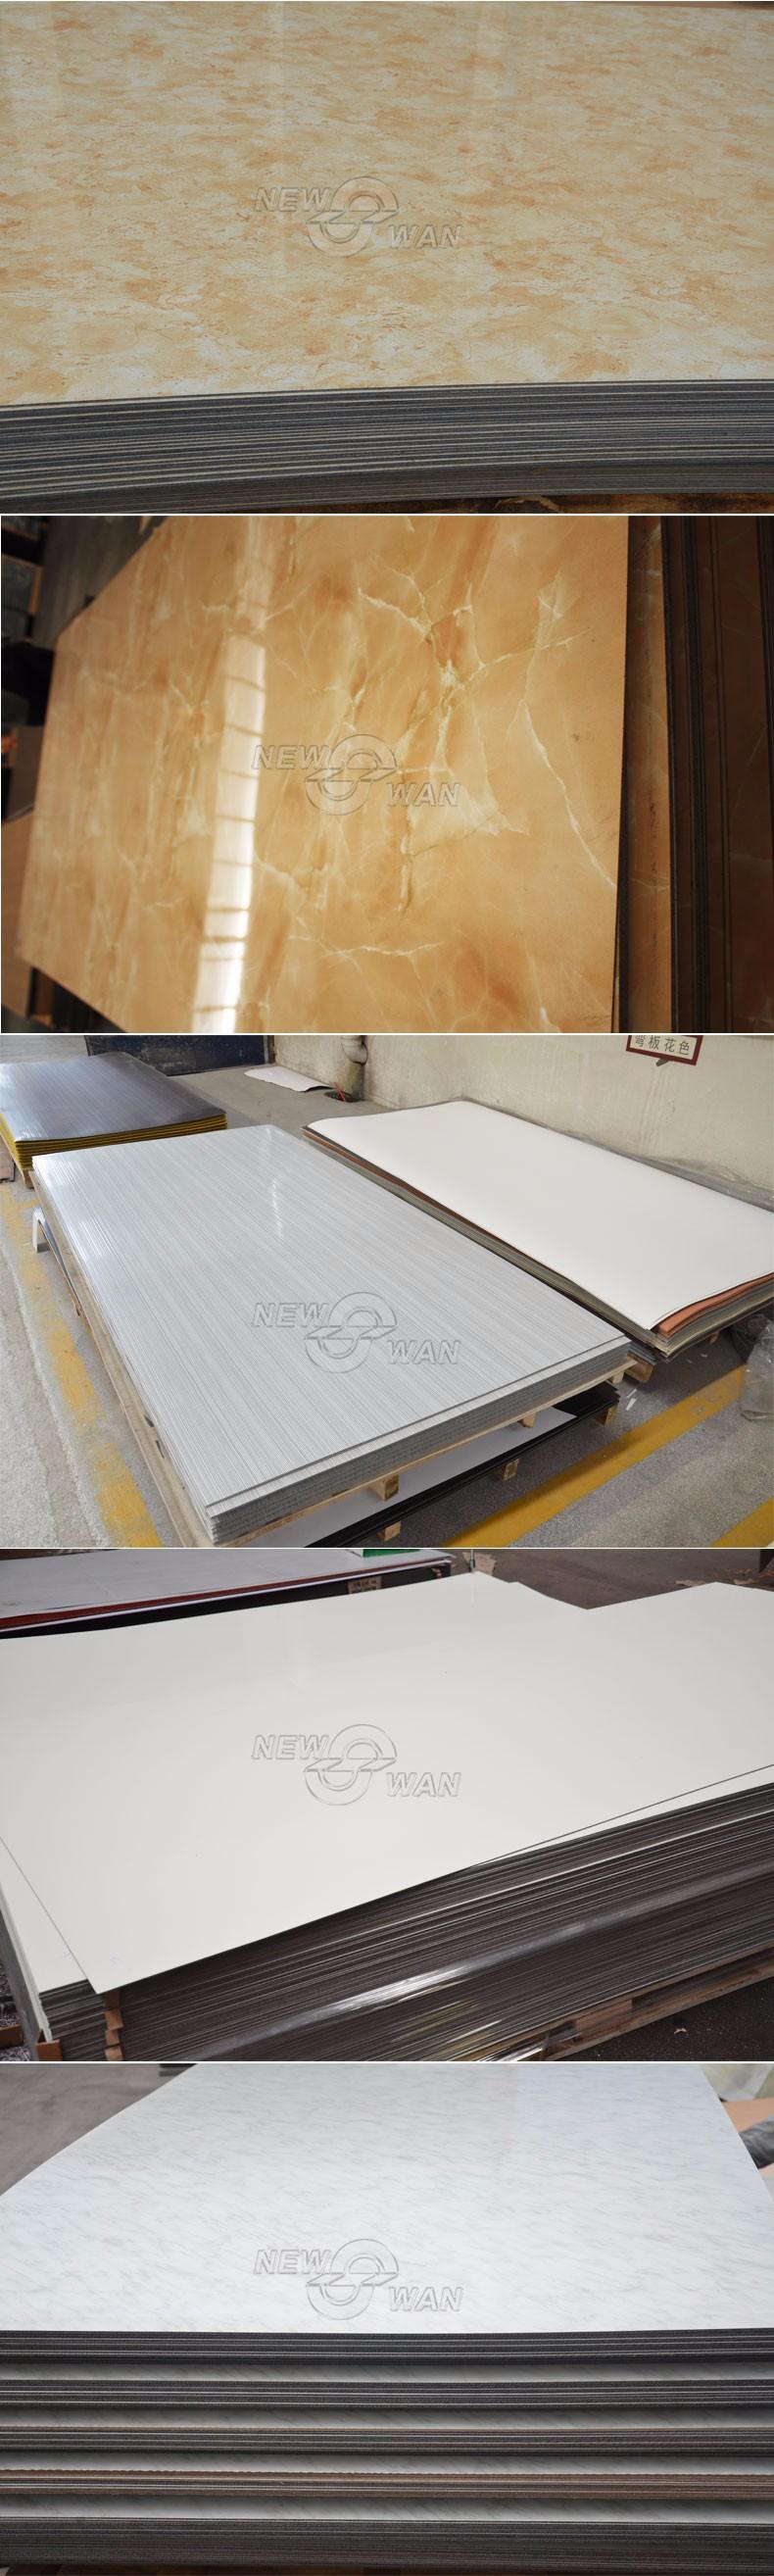 Hpl High Pressure Laminate Laminate Sheets Buy Hpl